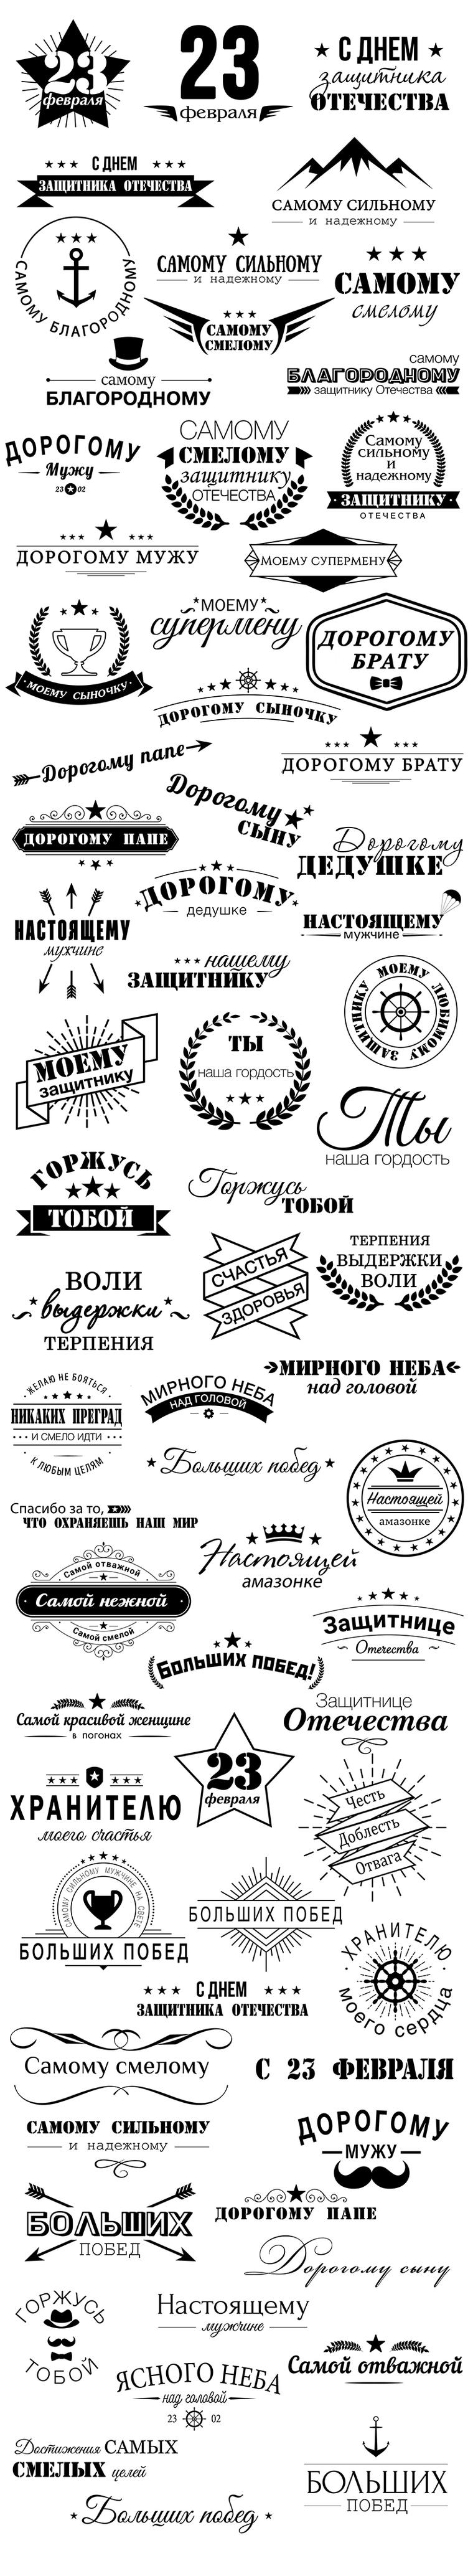 23 февраля, шаблон к 23 февраля, день защитника отечества, поздравительные надписи, текст для открытки, открытка мужчине, военному